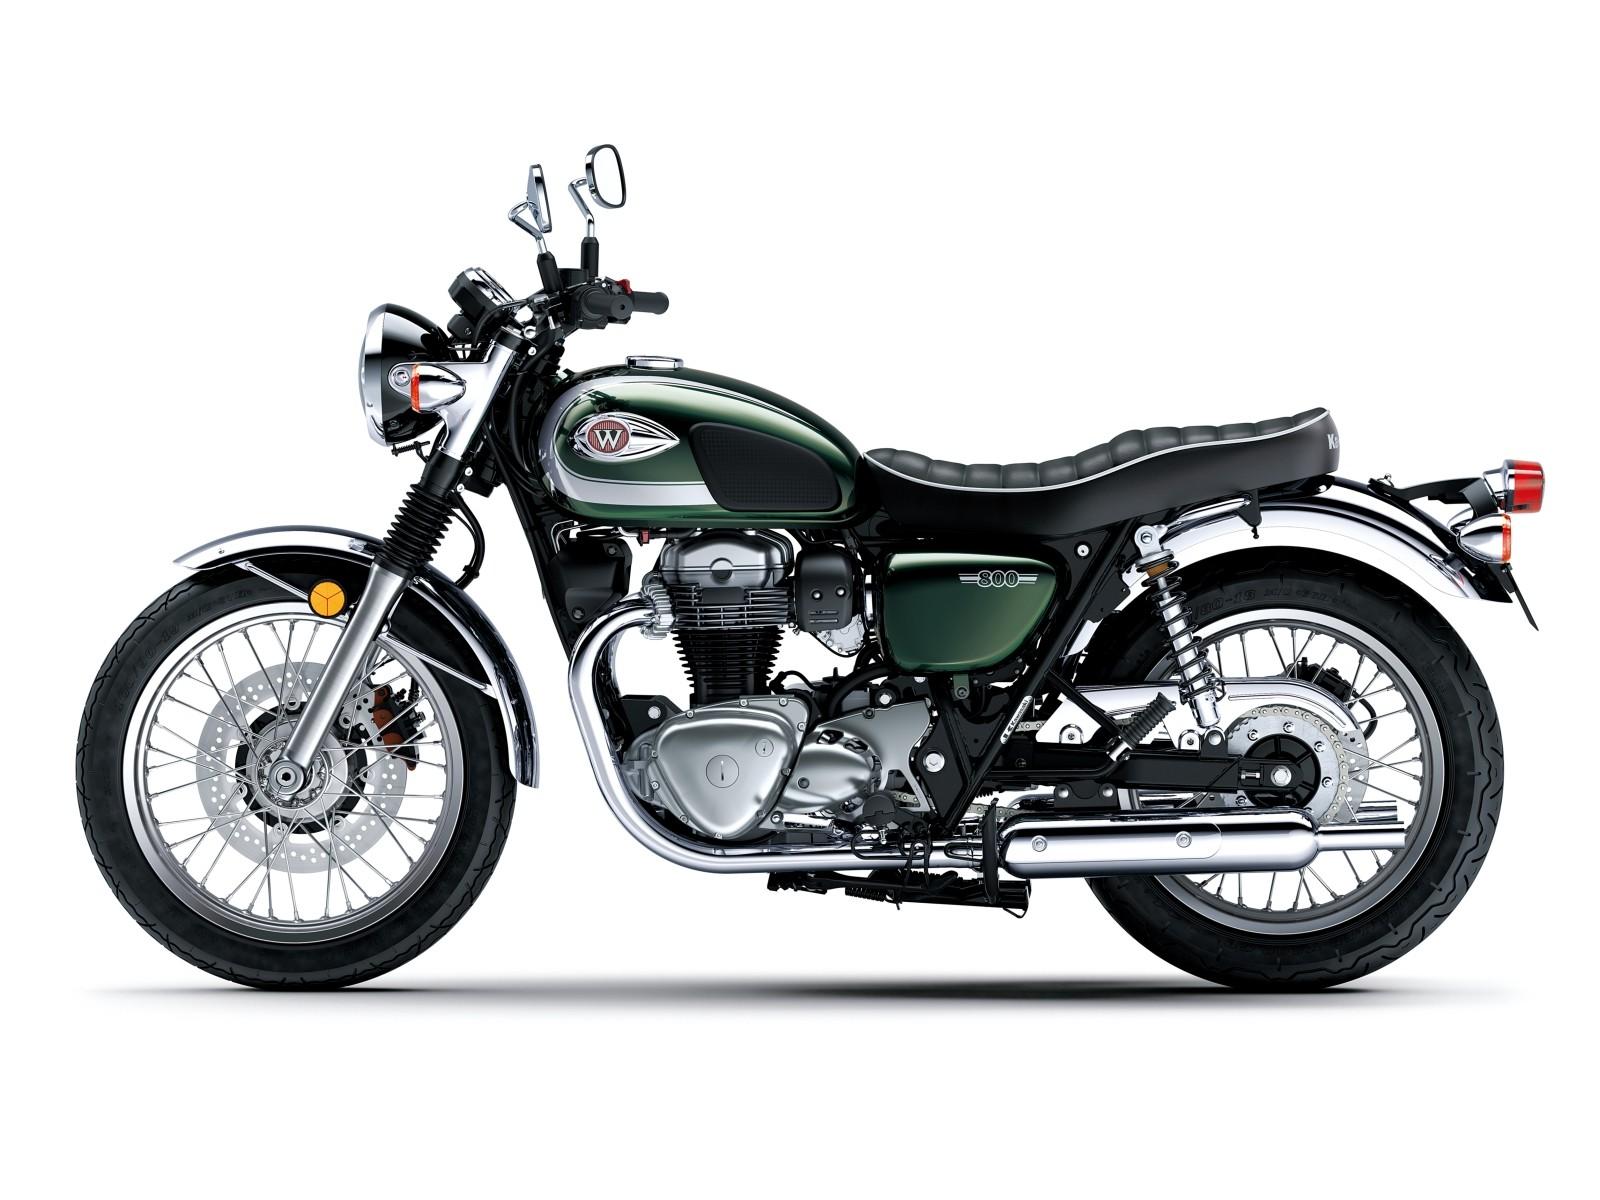 Foto de Kawasaki W800 2020 (45/48)